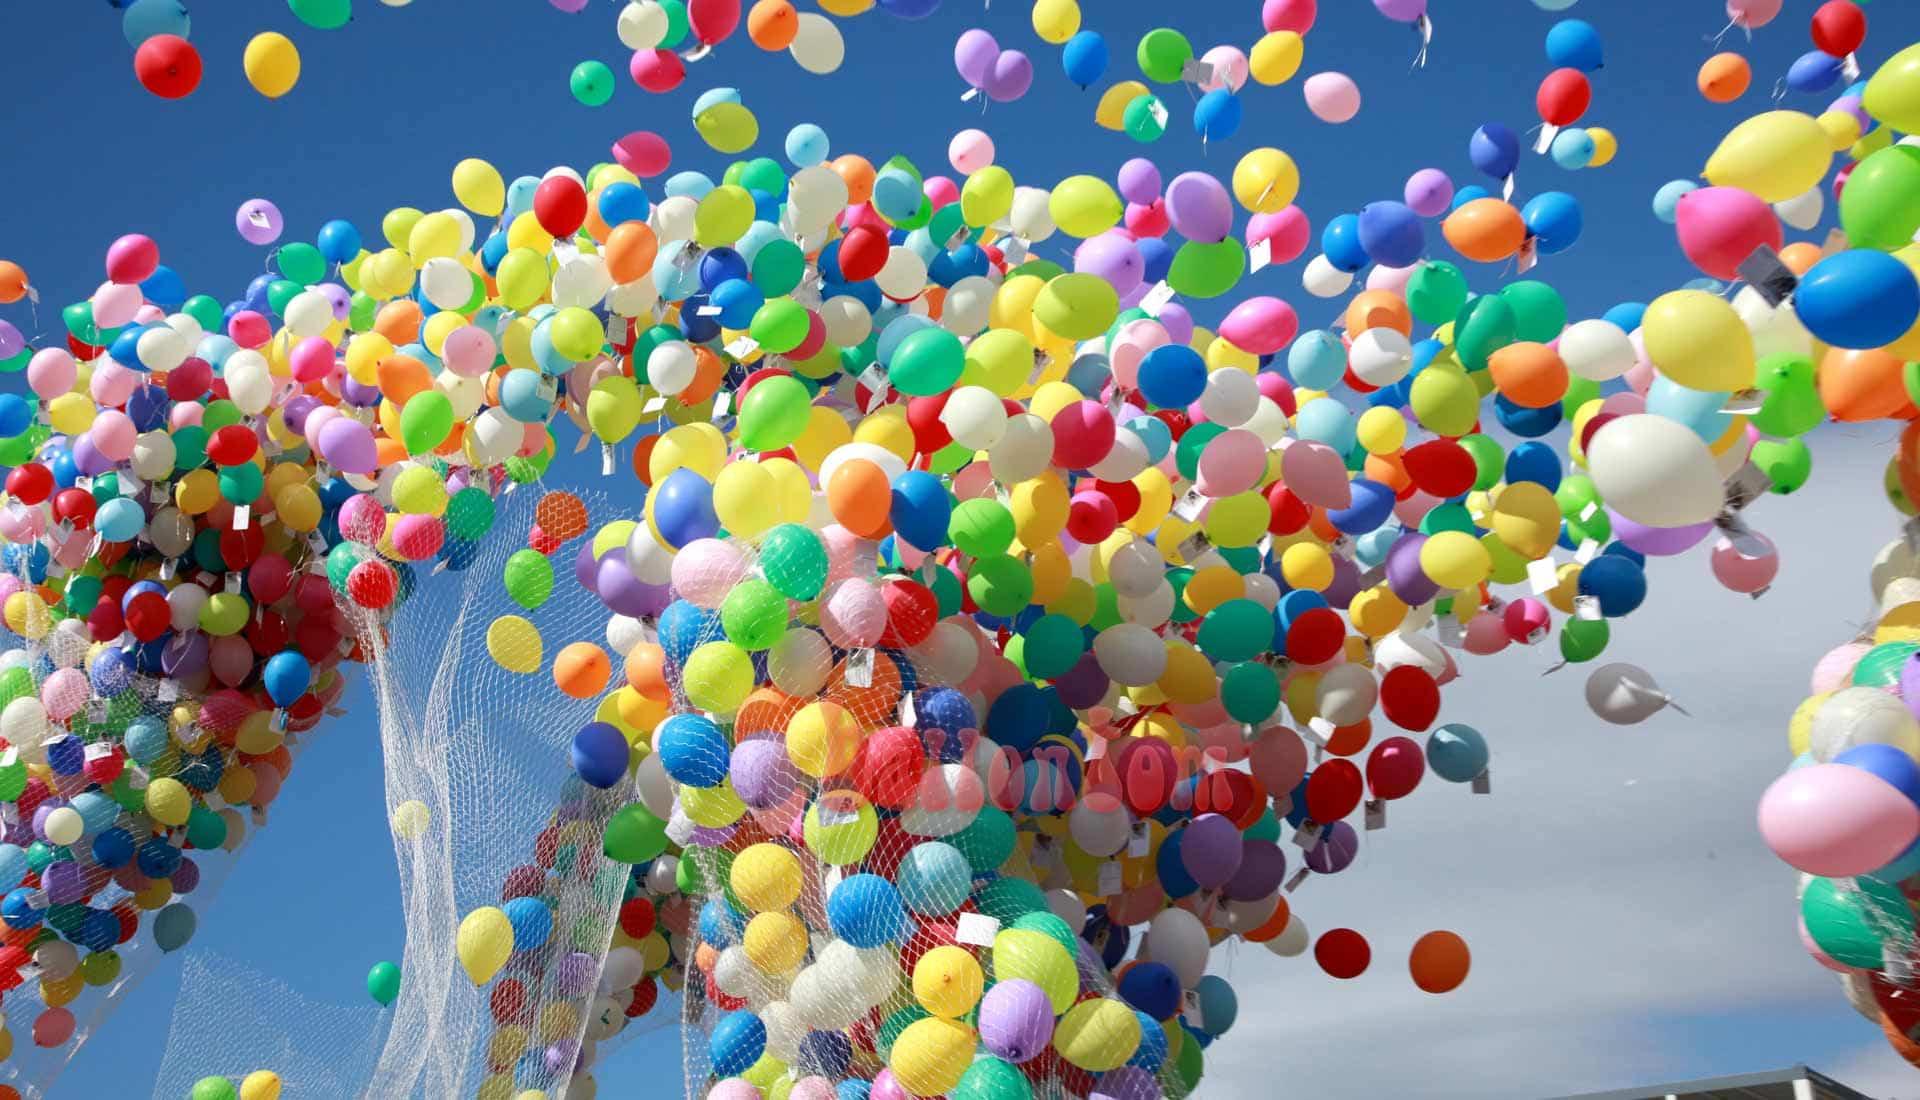 Ballonstart zur Jubiläumsfeier für ZF Friedrichshafen mit 25.000 Ballons von ballontom